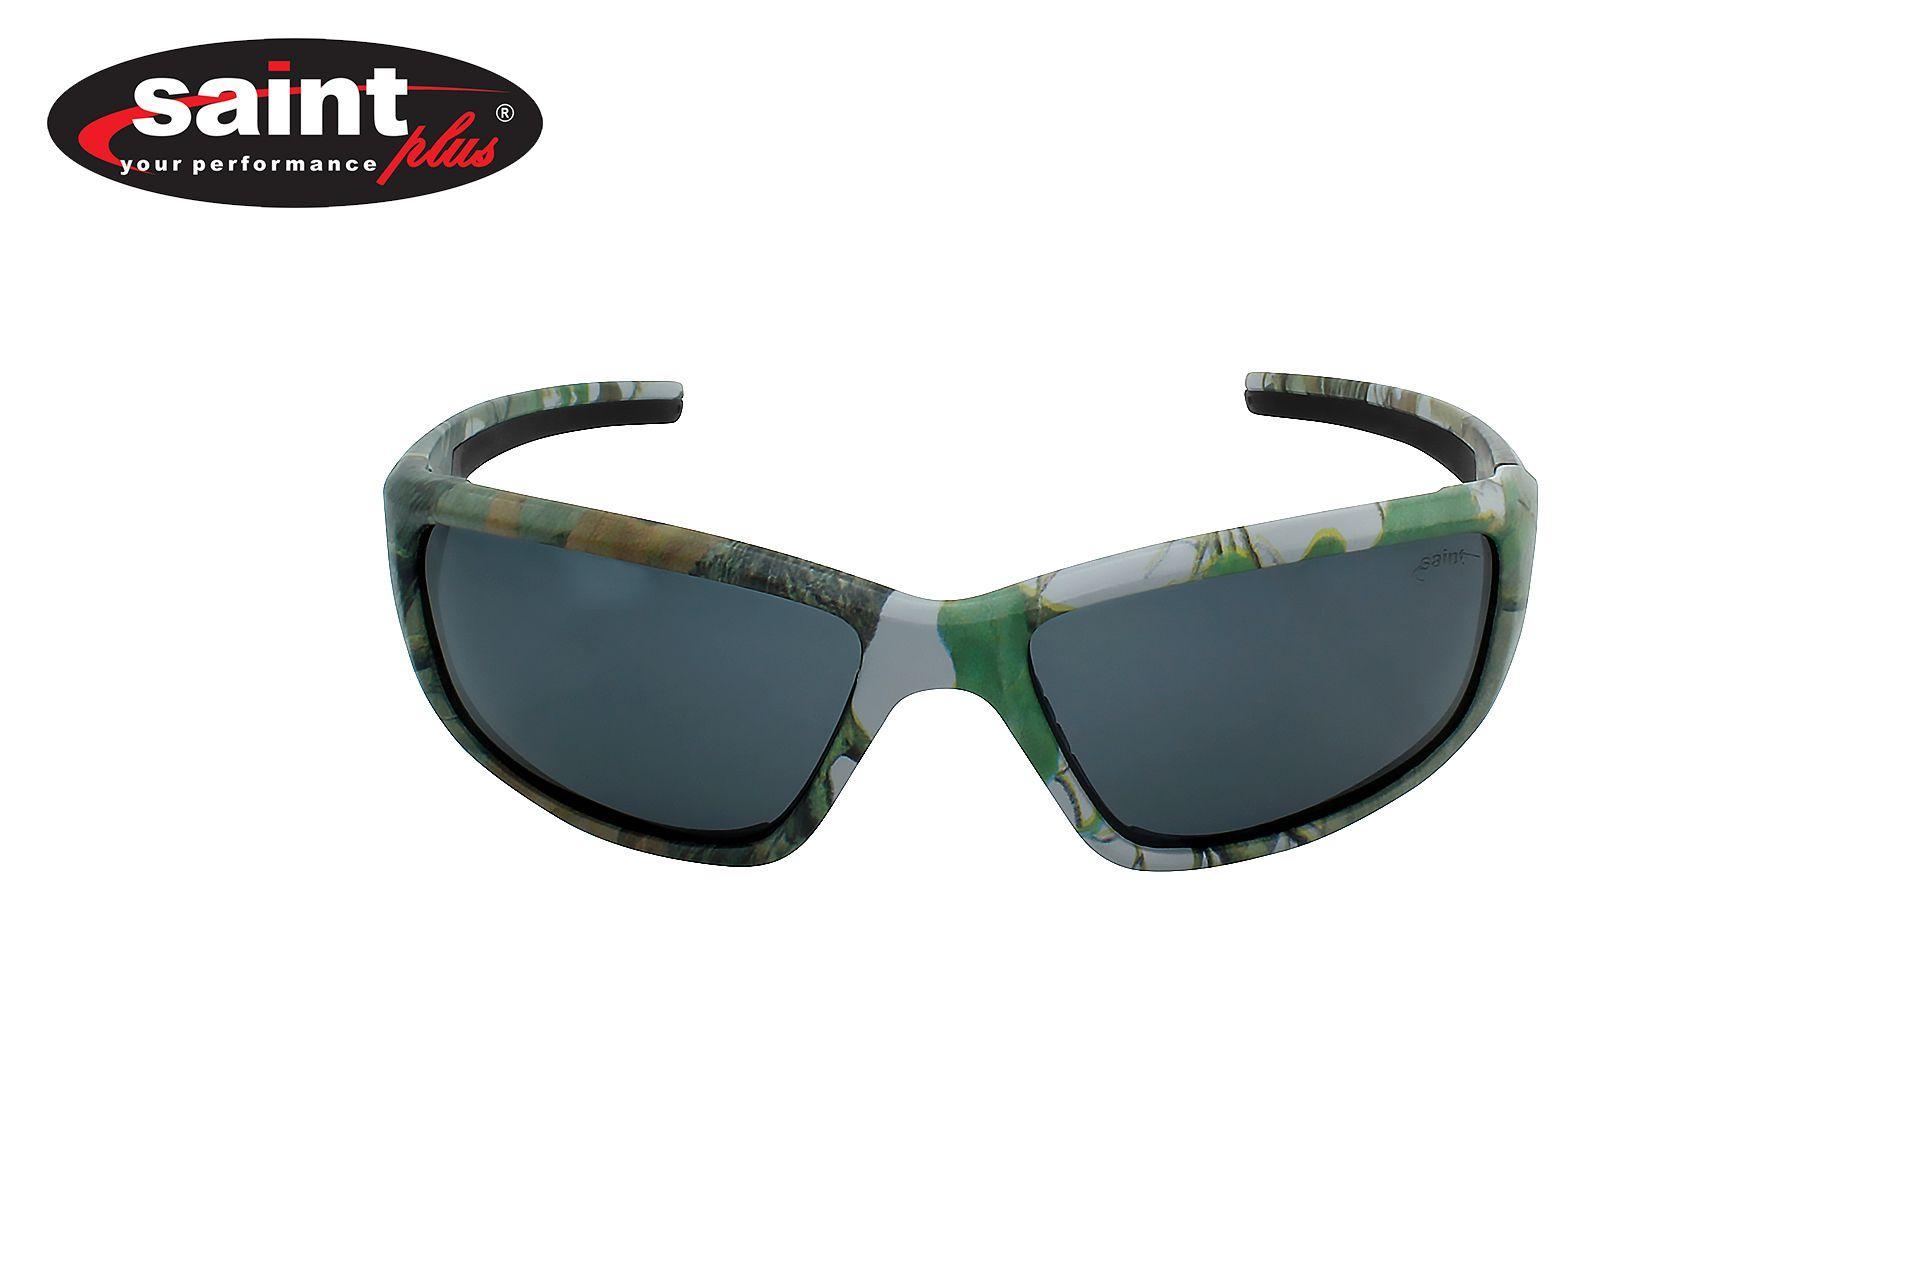 Óculos Polarizado Saint 100% Proteção Uv - Vários Modelos